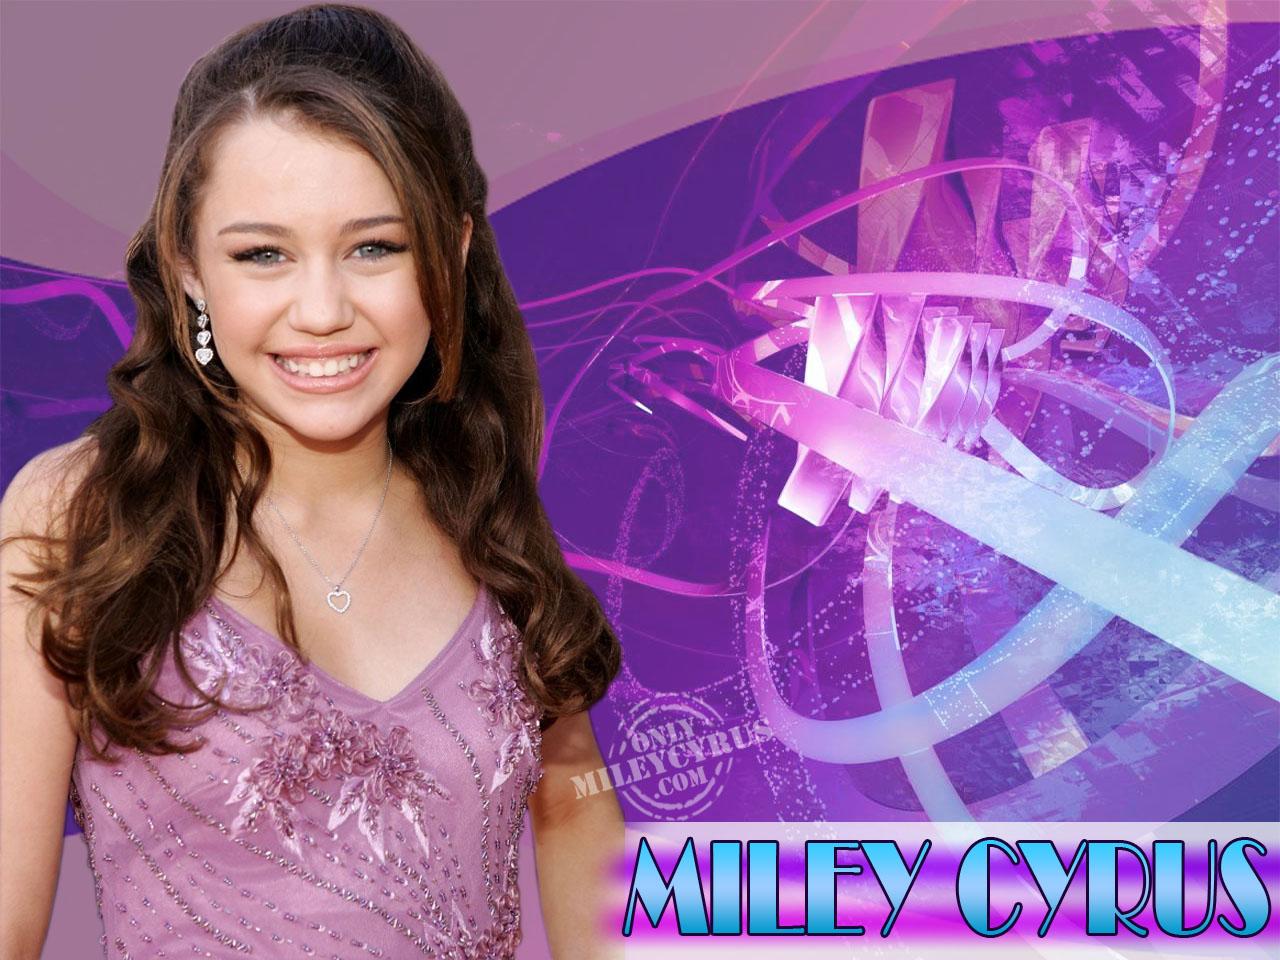 http://3.bp.blogspot.com/-RAfivW44Drk/UAmn_QZL2EI/AAAAAAAAG0o/SHK9vBrhovQ/s1600/Miley+Cyrus+%2853%29.jpg